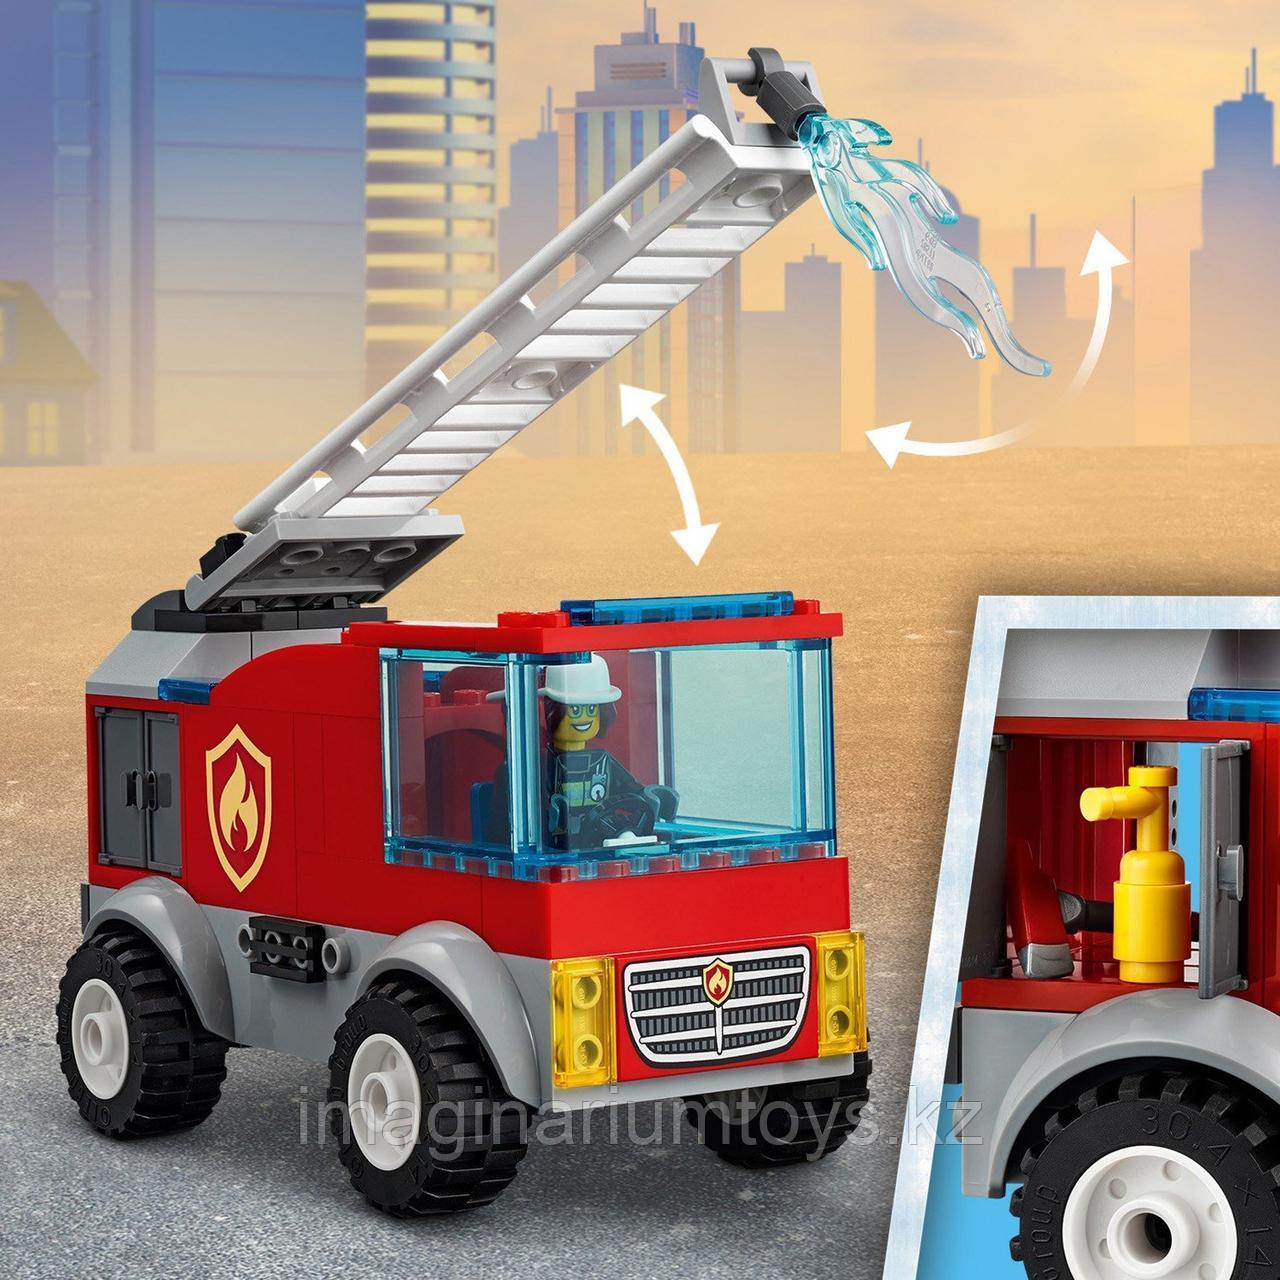 Конструктор LEGO City Лего город Пожарная машина с лестницей 60280 - фото 5